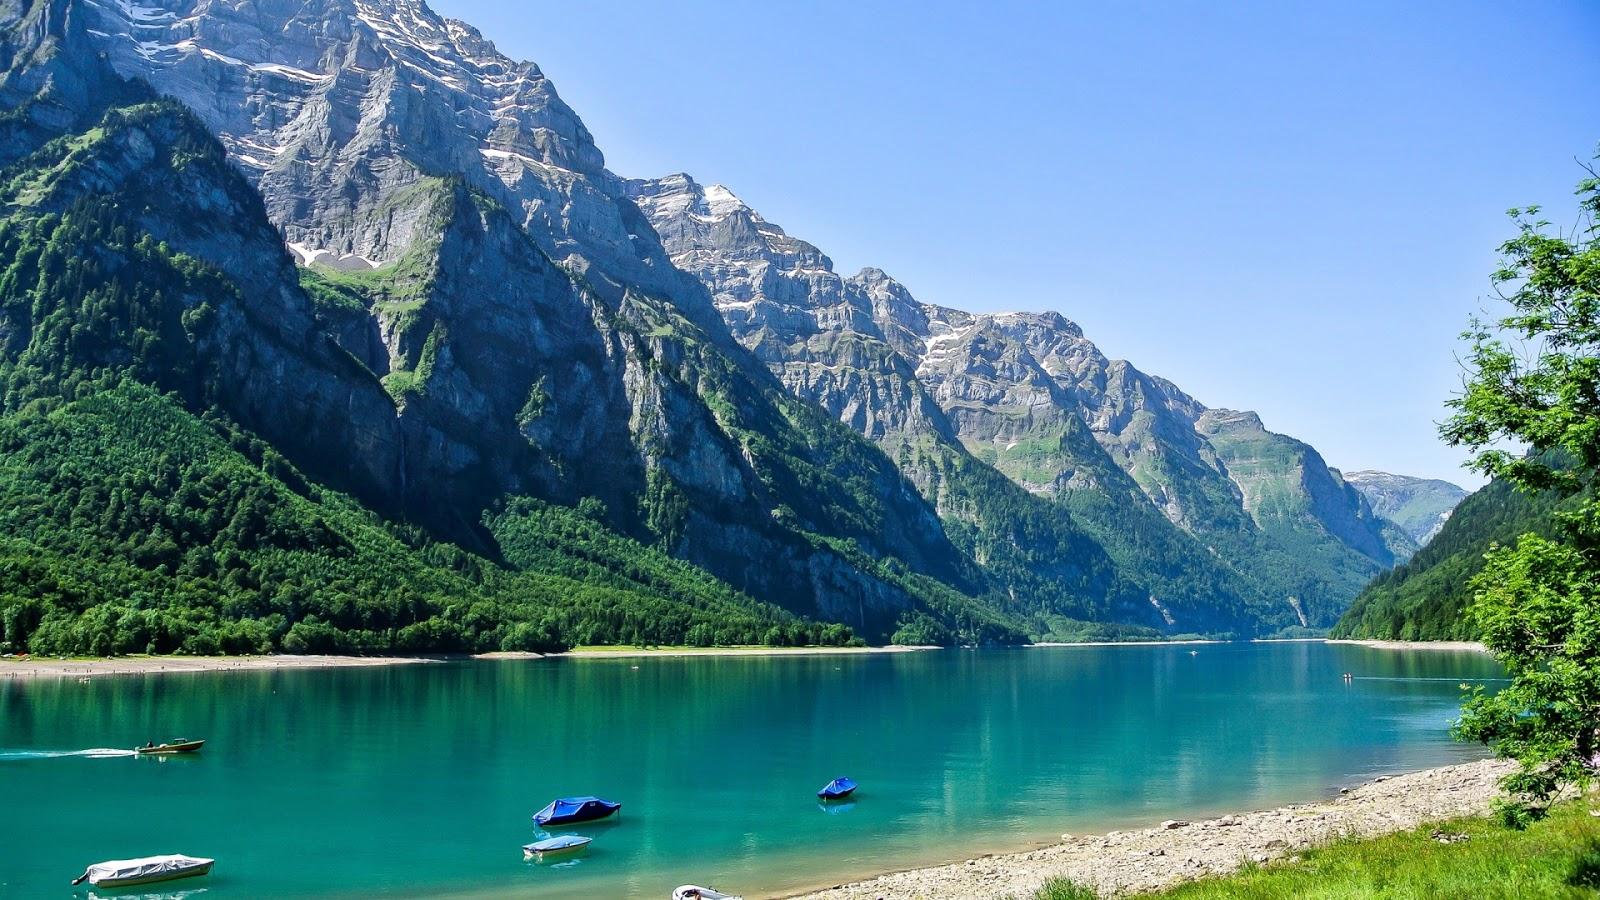 hình ảnh thiên nhiên phong cảnh đẹp (11)